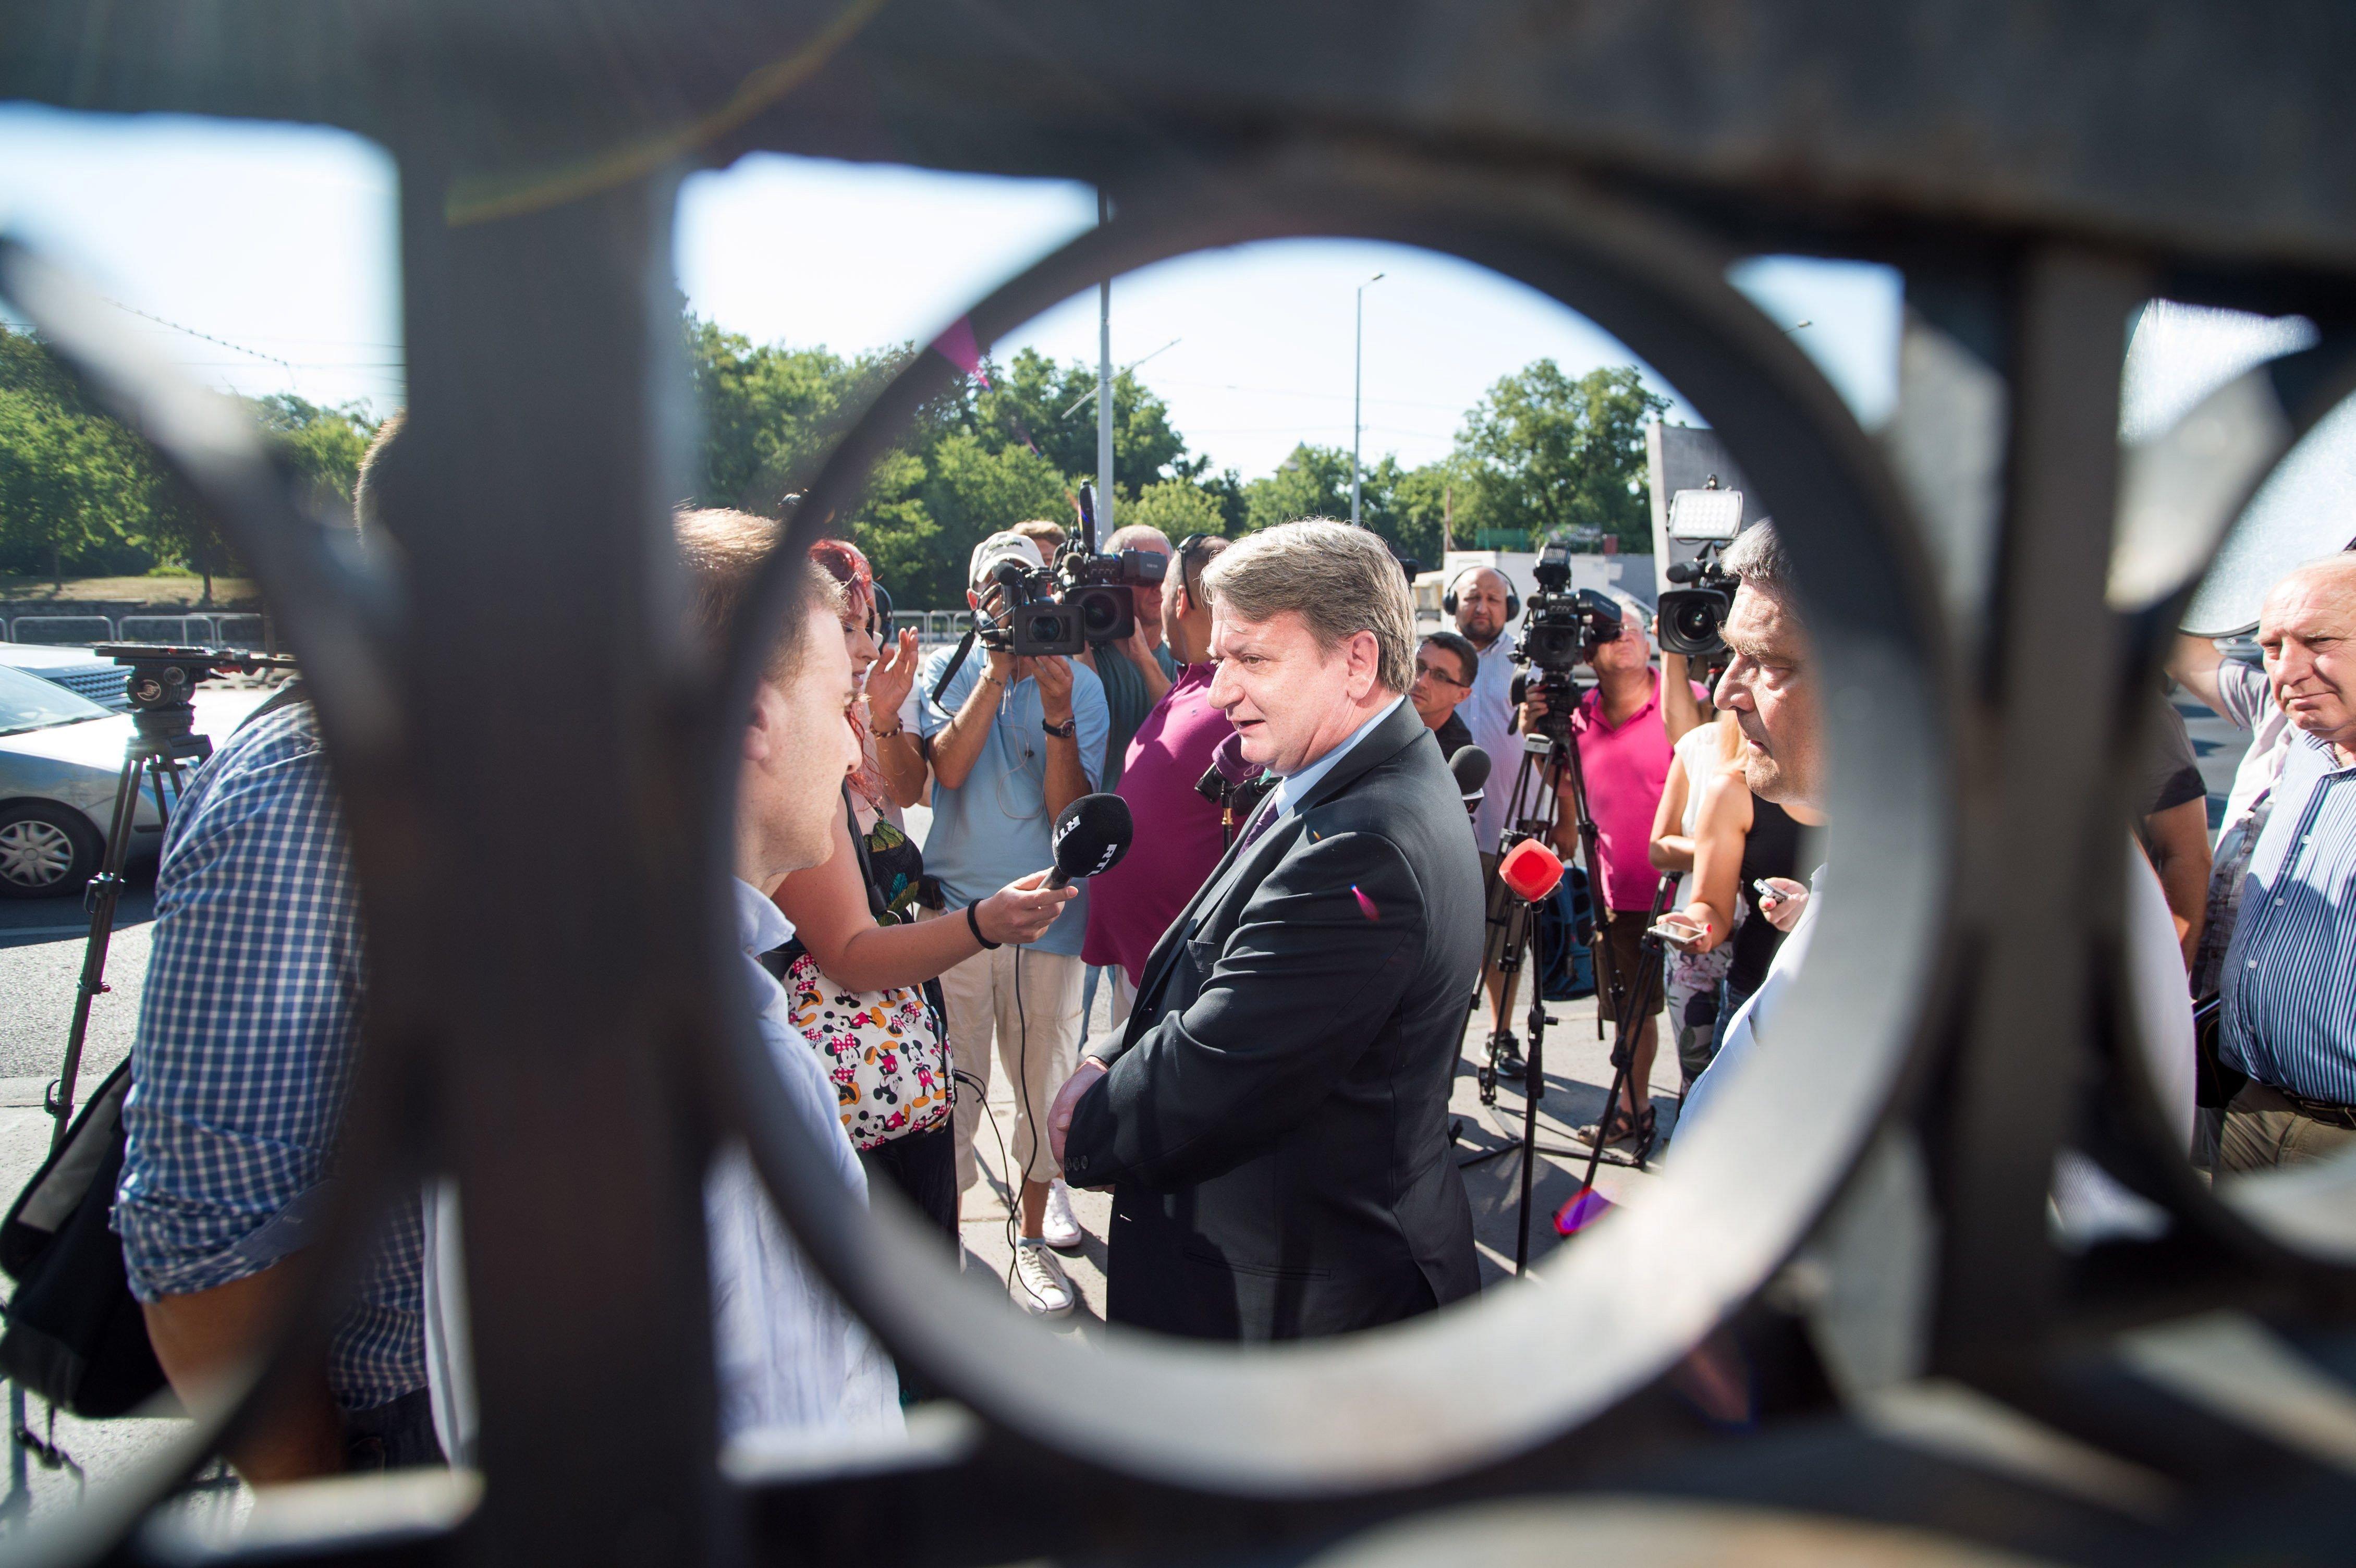 Elkezdődött Kovács Béla kémpere, államtitok miatt zárt ajtók mögött tartják az előkészítő ülést